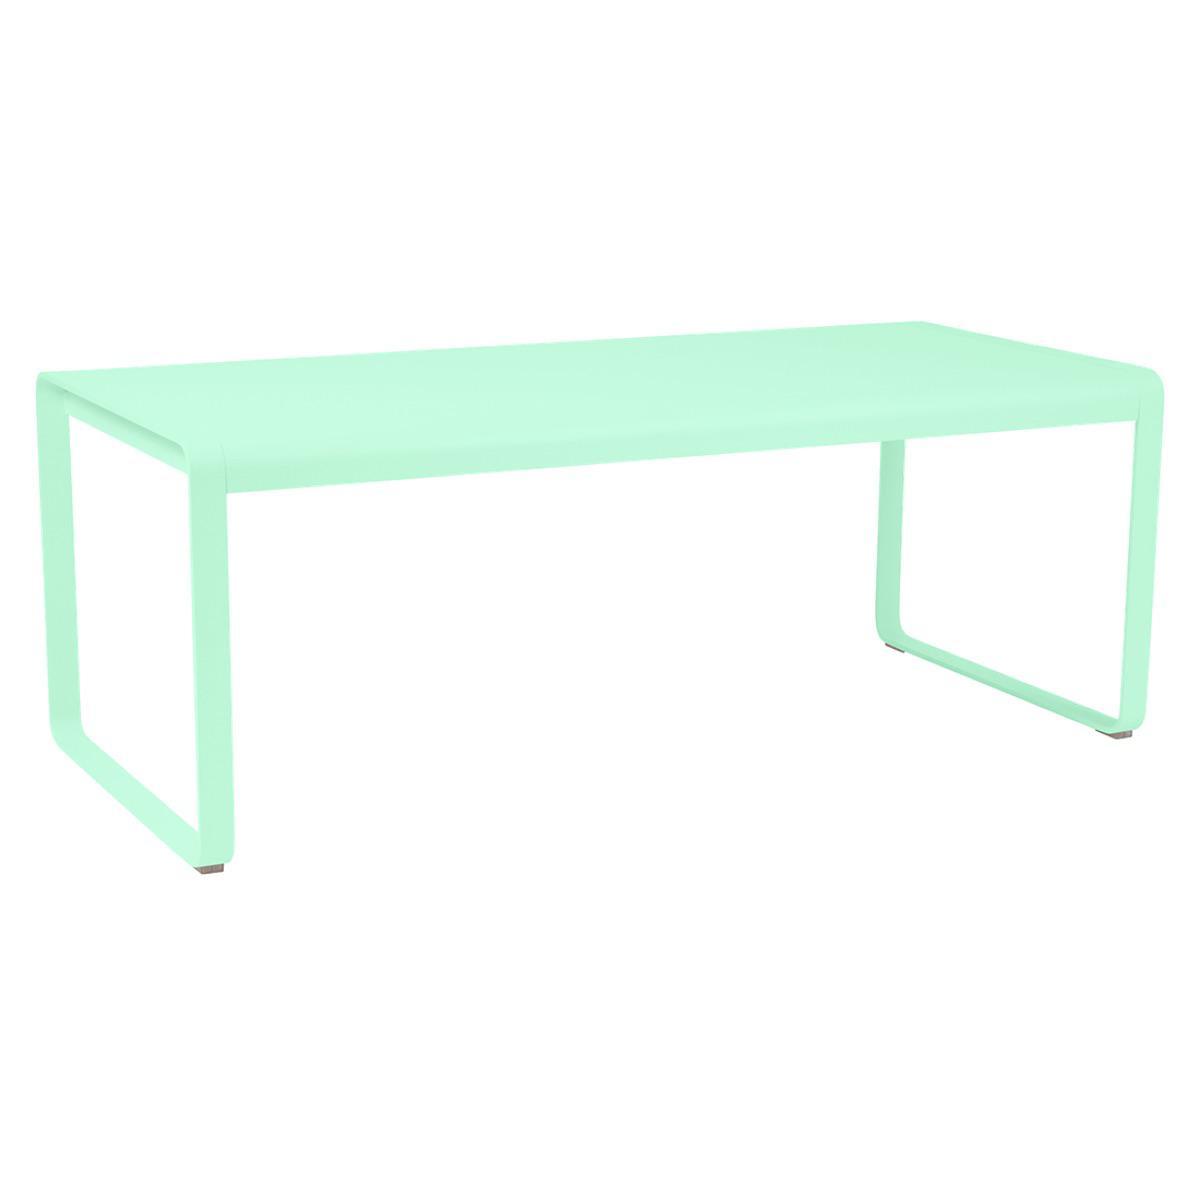 Table 90x196cm BELLEVIE PREMIUM Fermob vert opaline